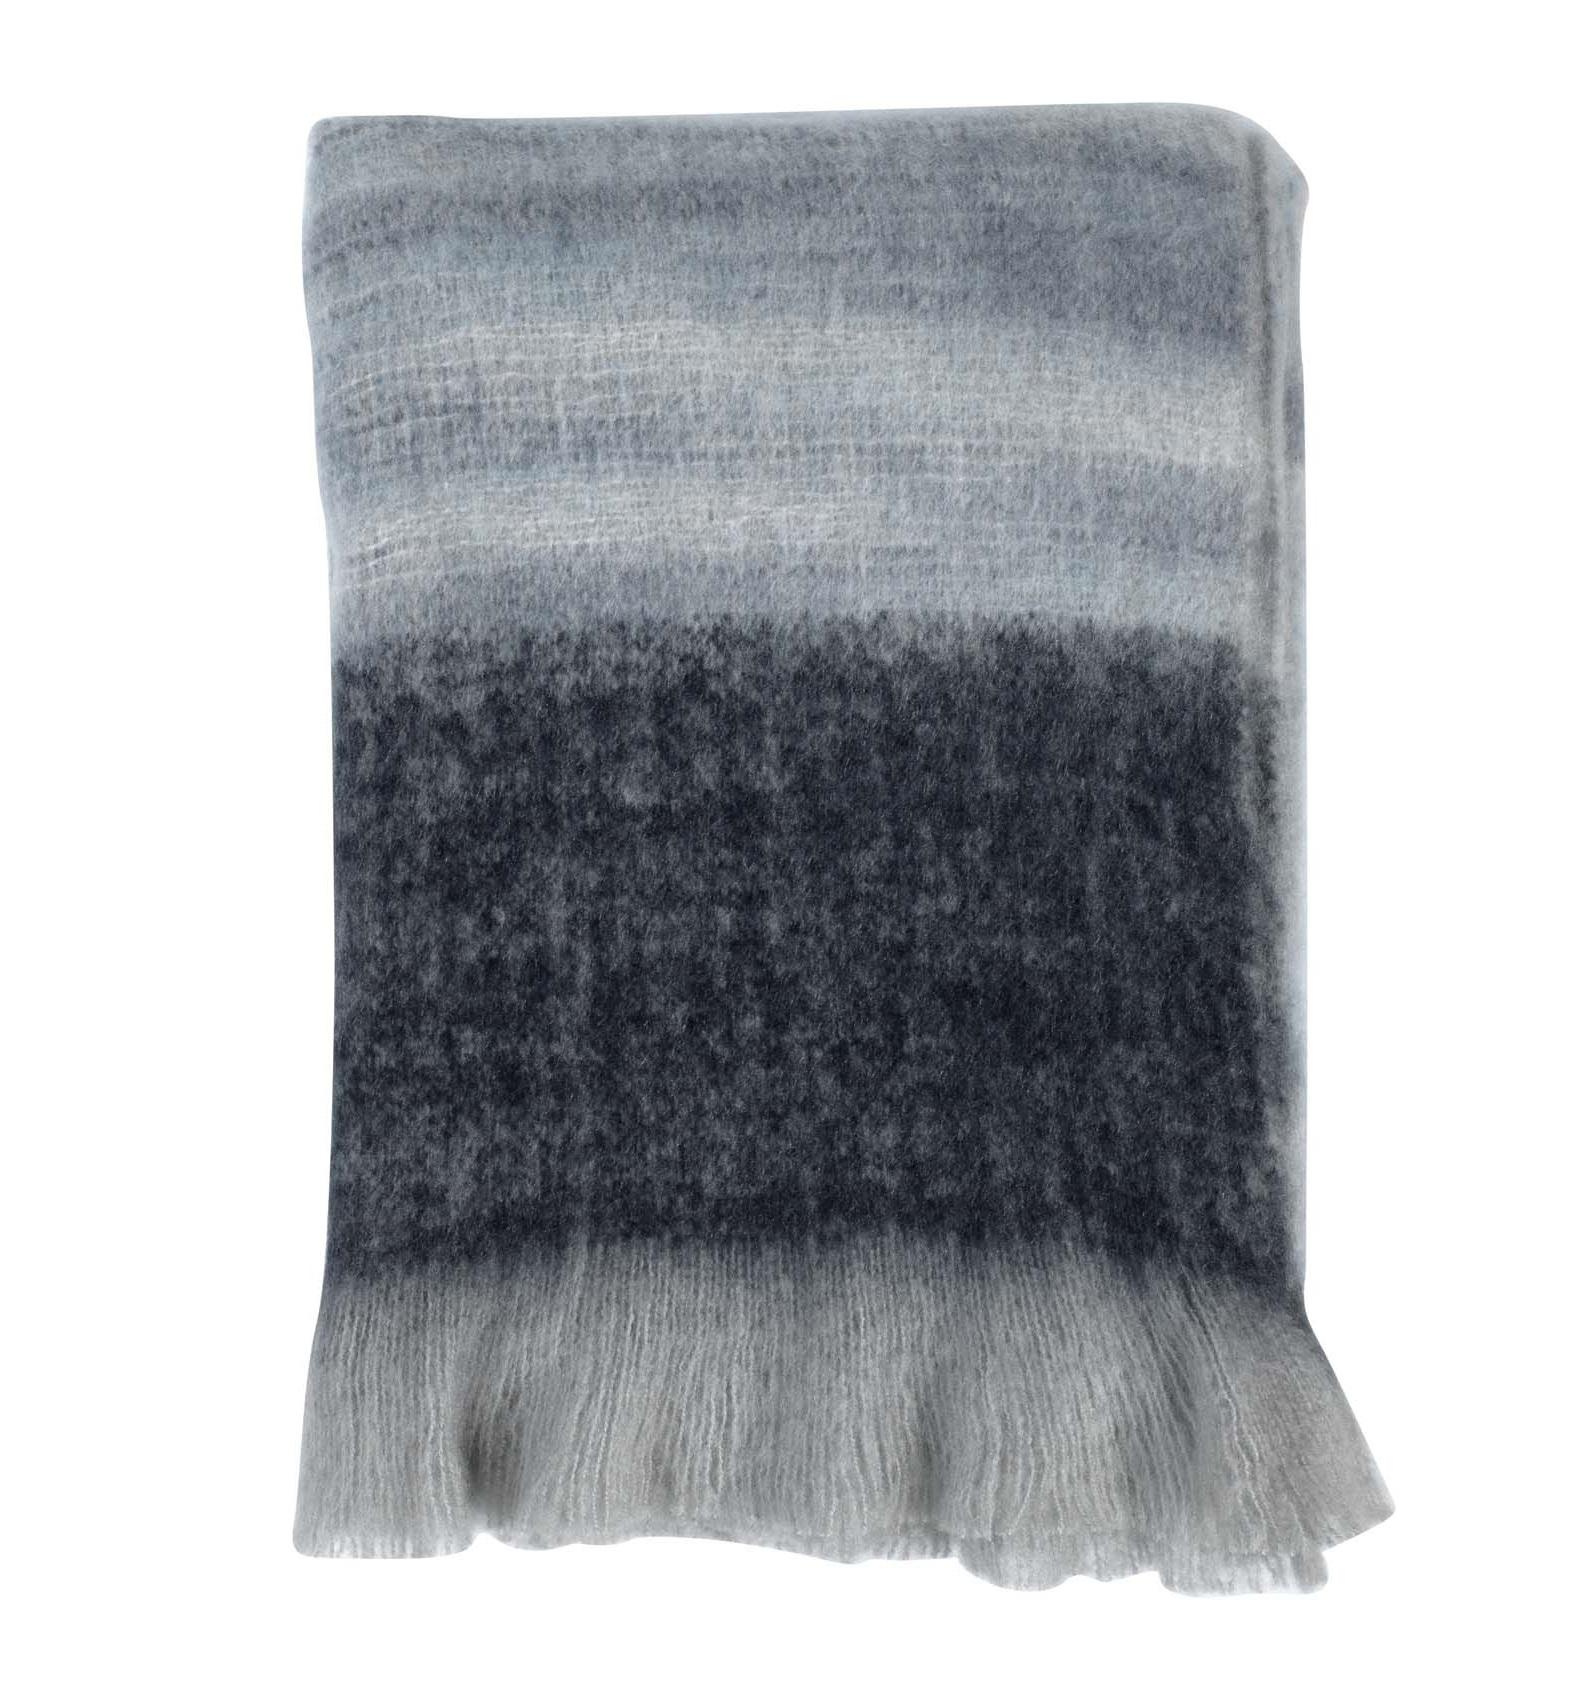 JASPER - Plaid blauw multi 130x170 cm